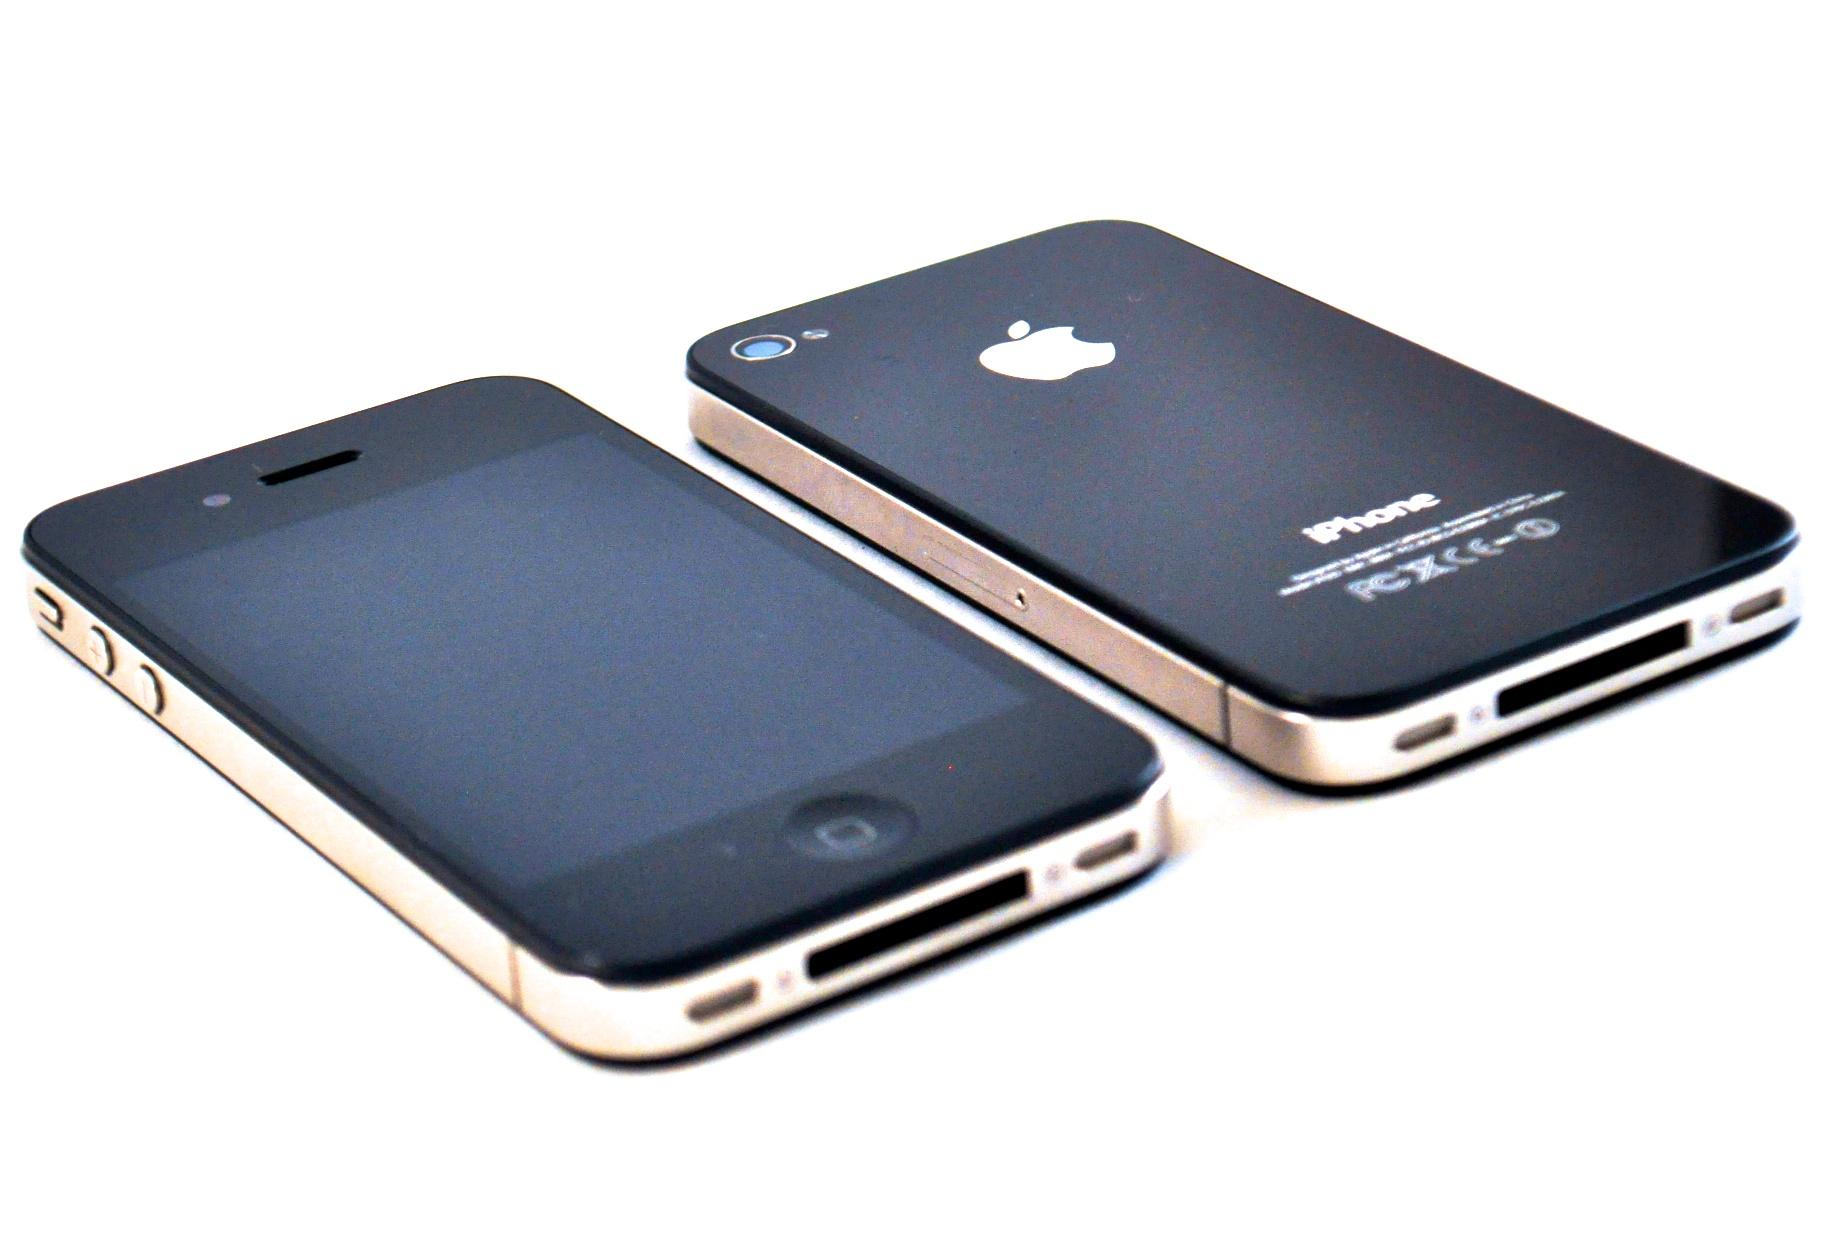 IPhone 4 ufficialmente in pensione. Fermata la produzione anche in India